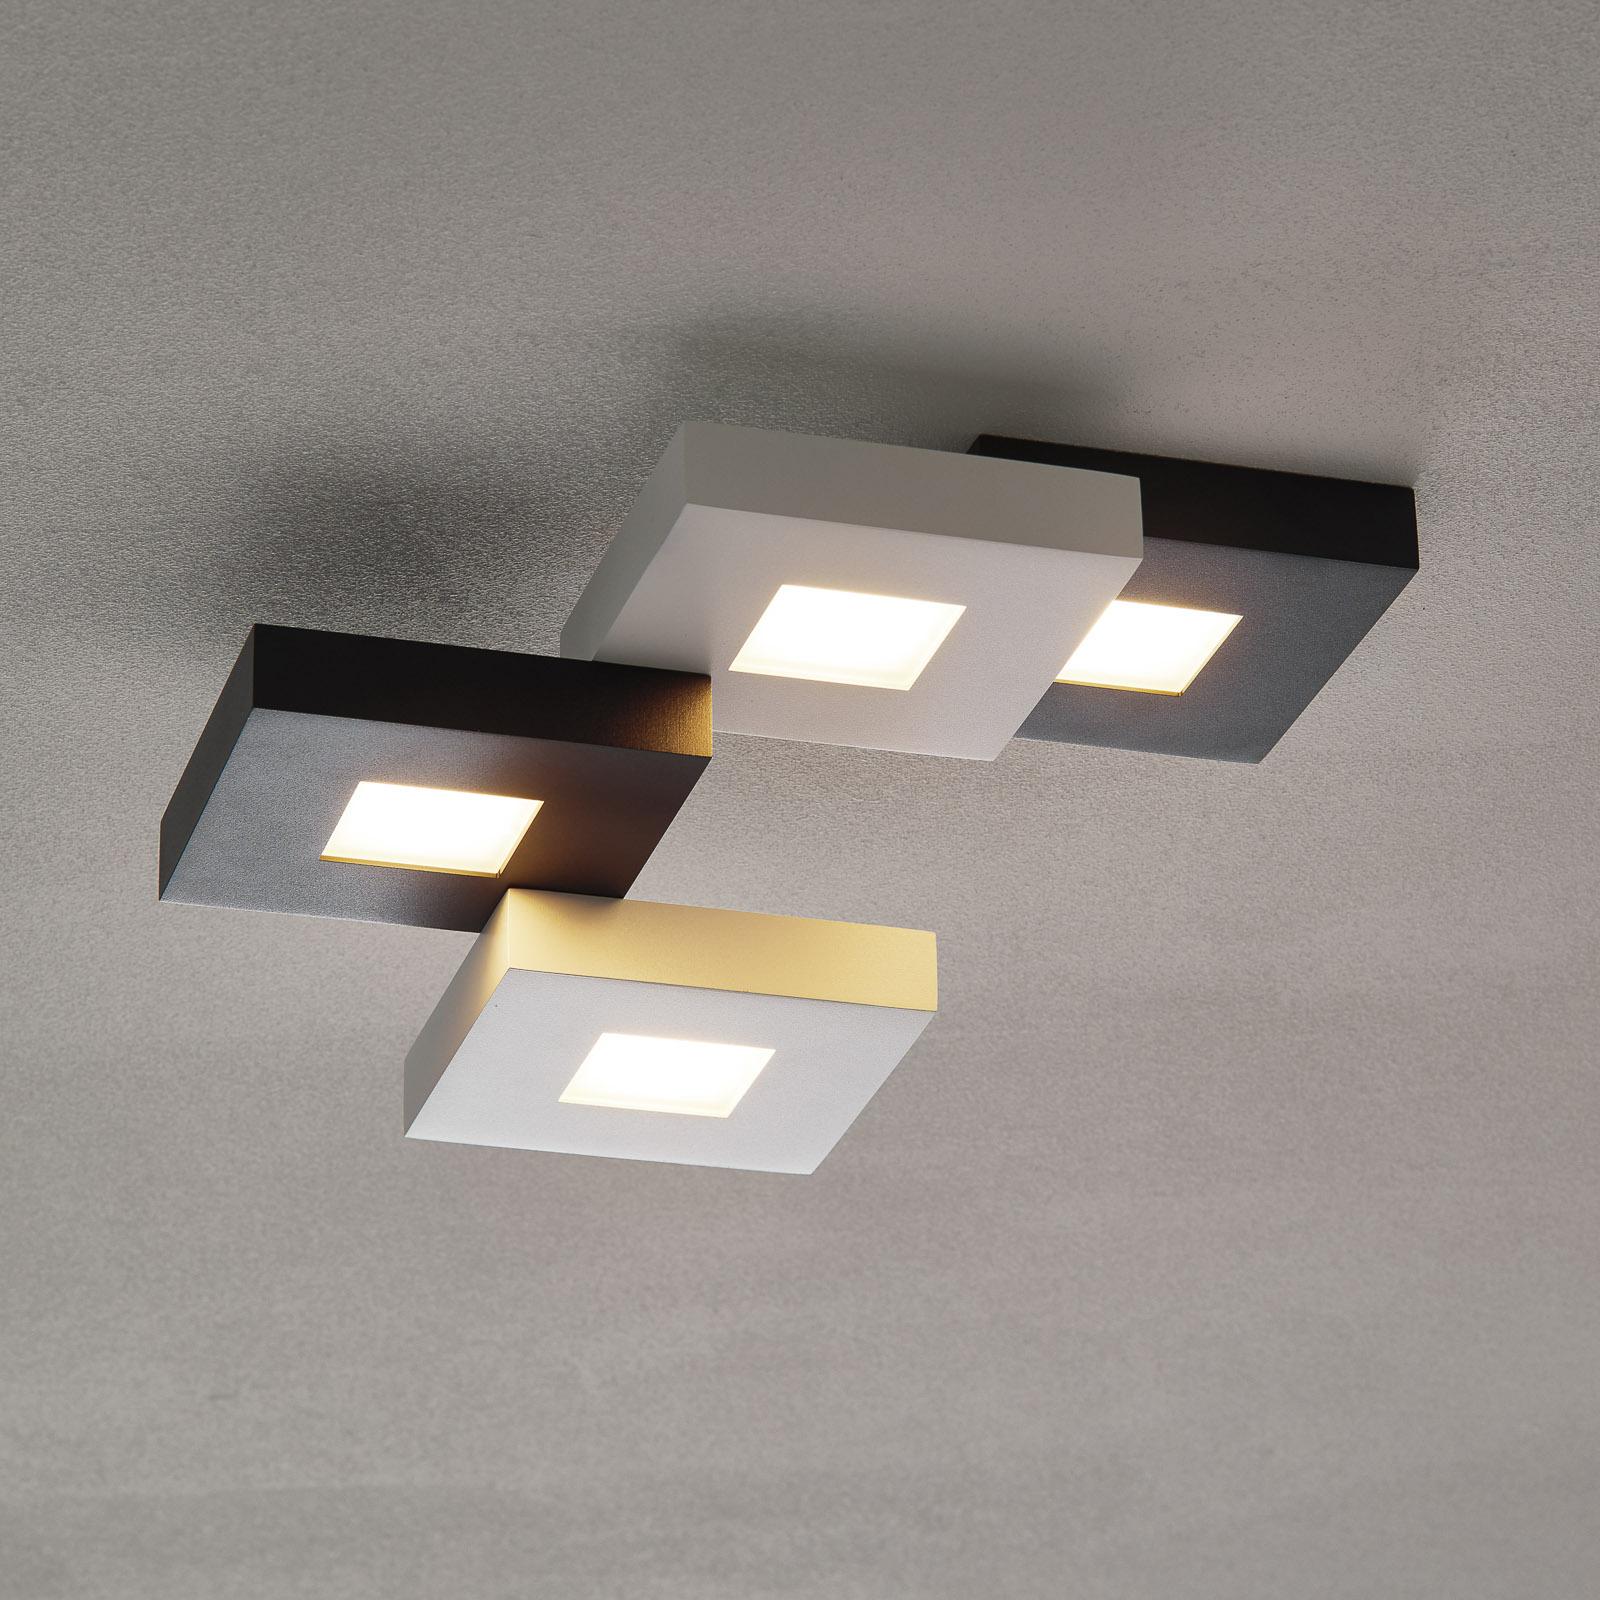 Plafoniera LED Cubus bianca e nera, 4 punti luce